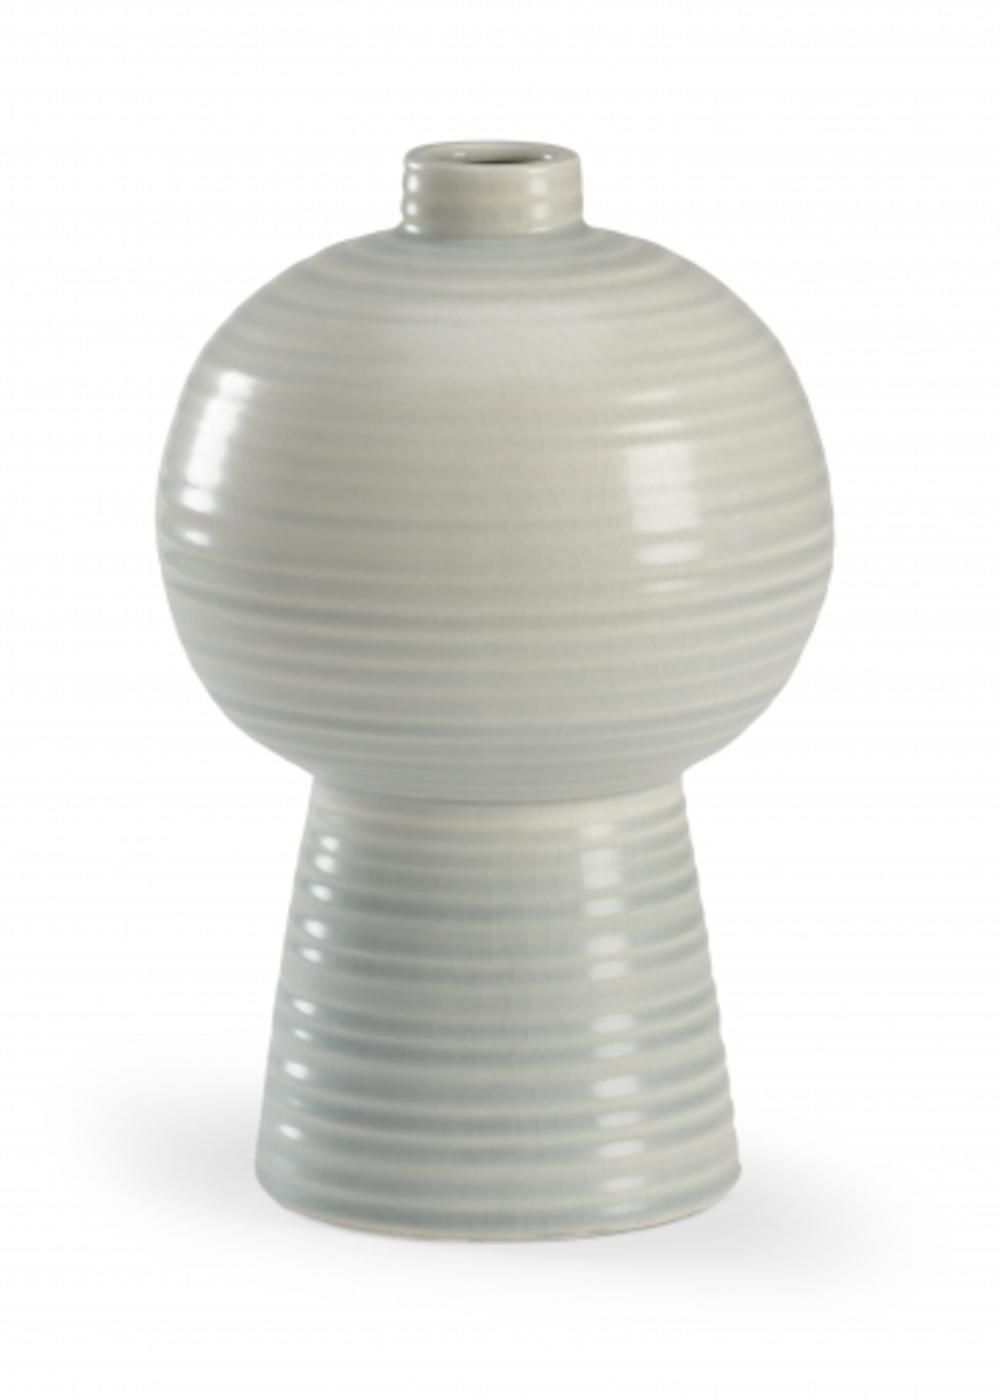 Wildwood Lamp - Koota Vase, Small